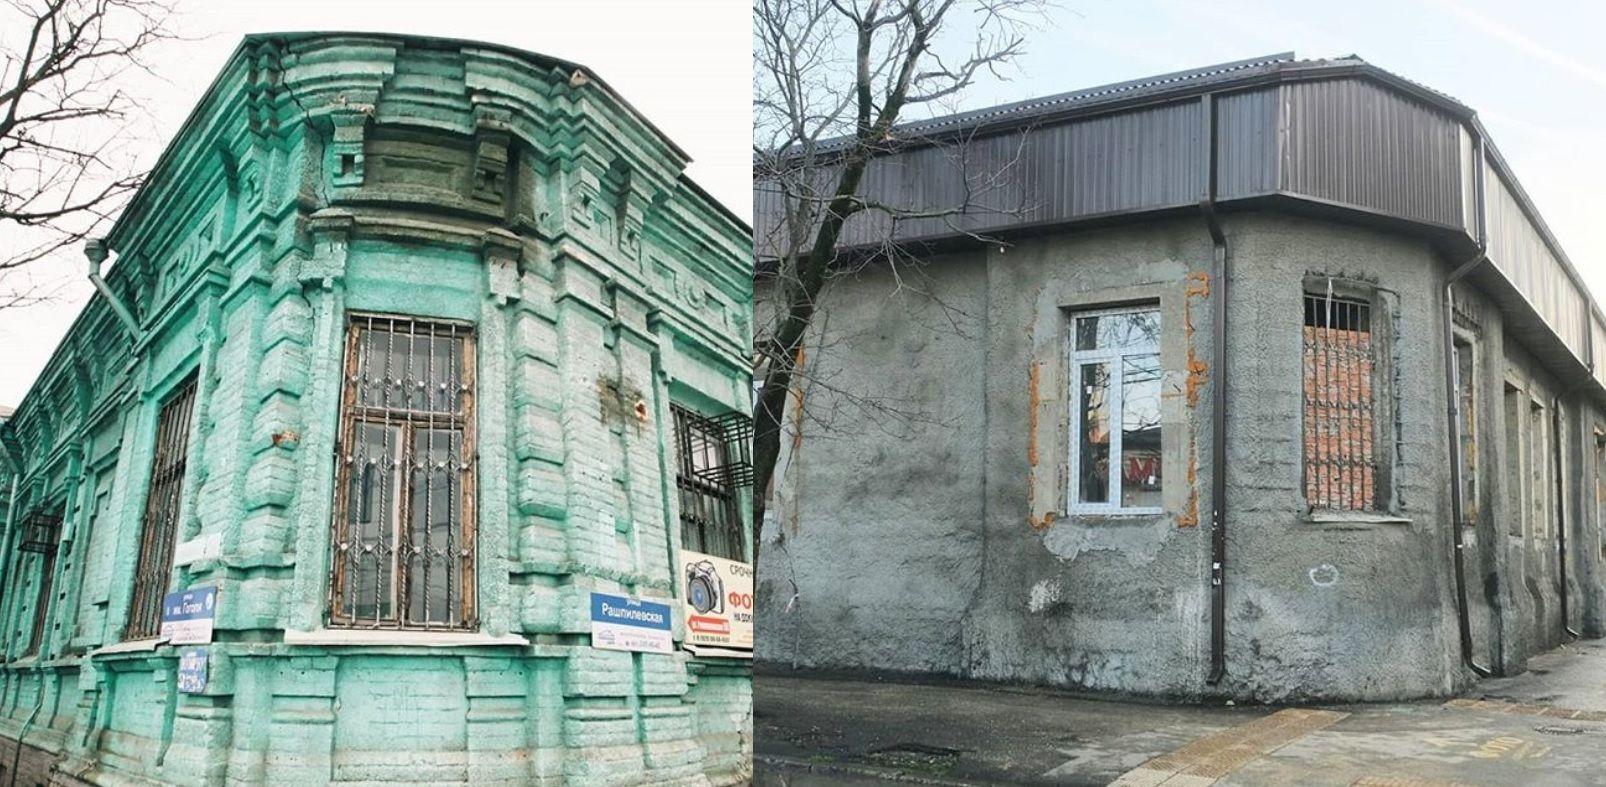 Дом по улице Рашпилевской, 54 ©Фото Юга.ру